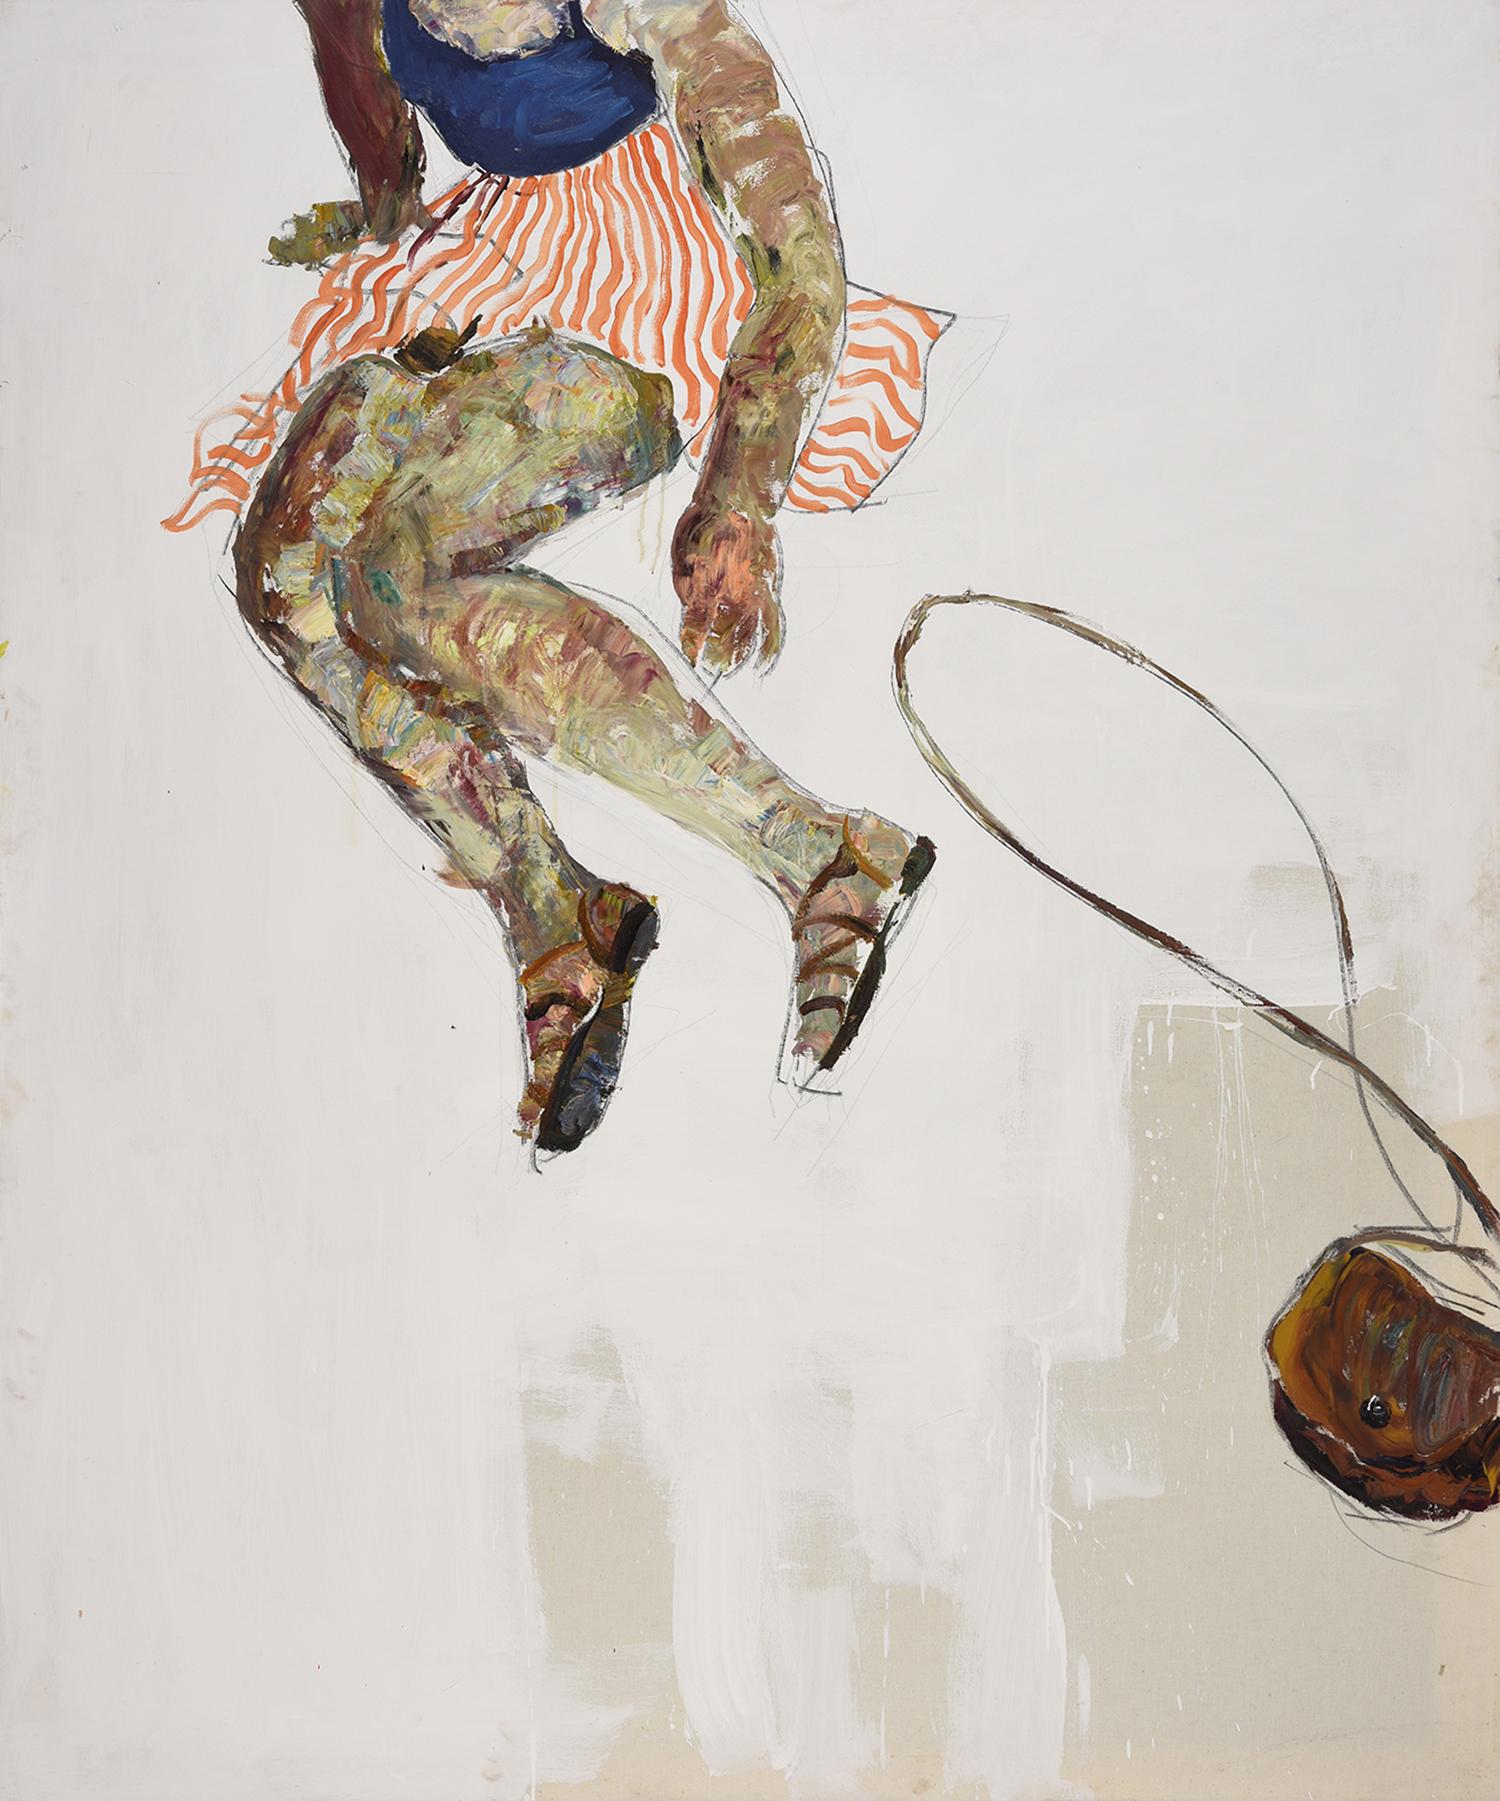 Paula , 180 x 150 cm, oil on canvas, 2017.